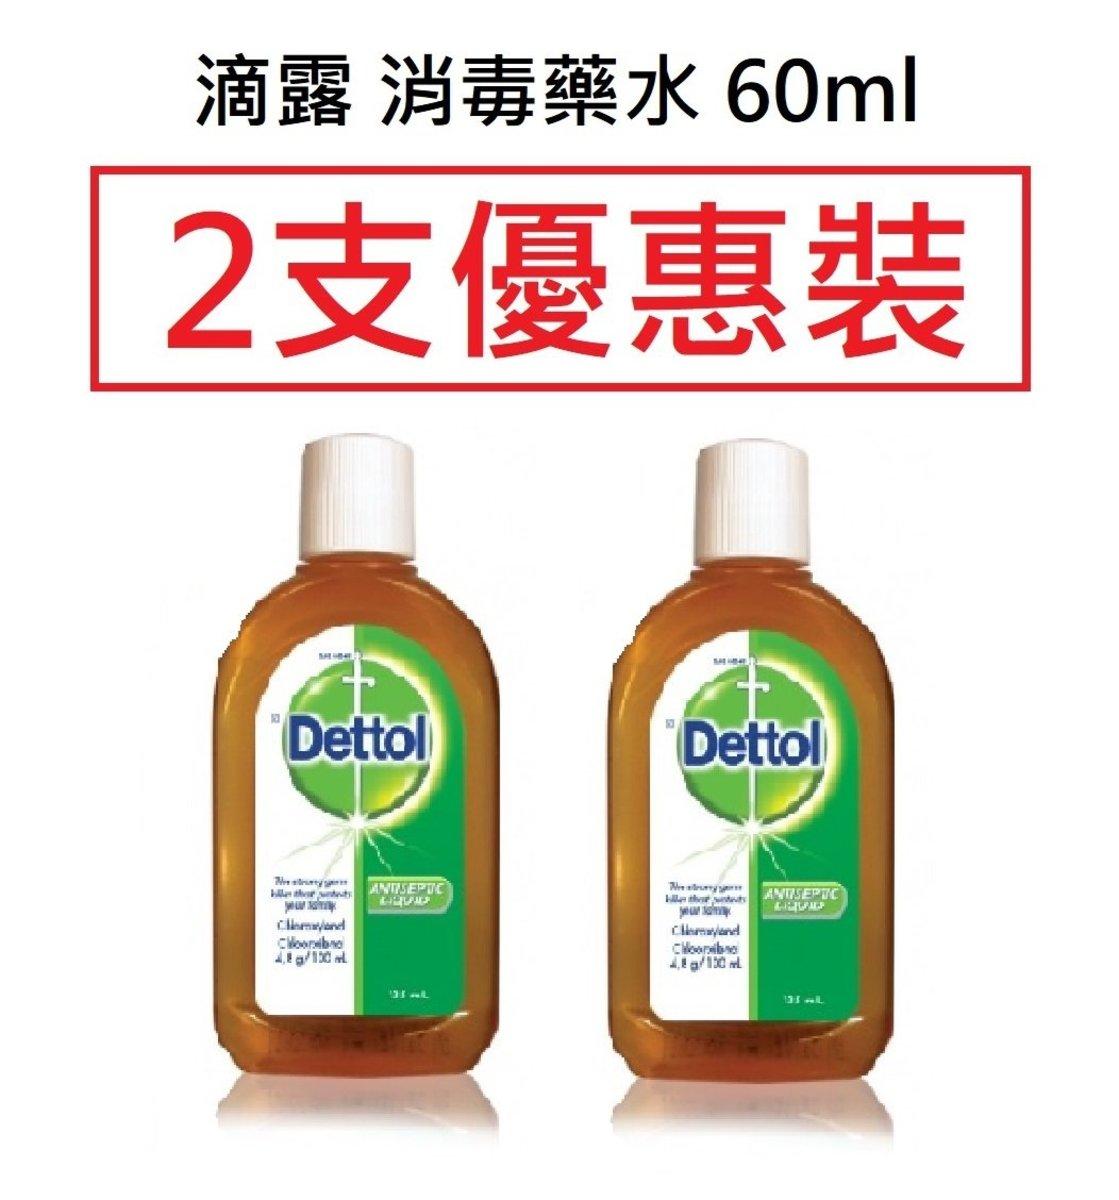 (2支孖裝)60ml 滴露Dettol 消毒藥水 (平行進口)-(小)